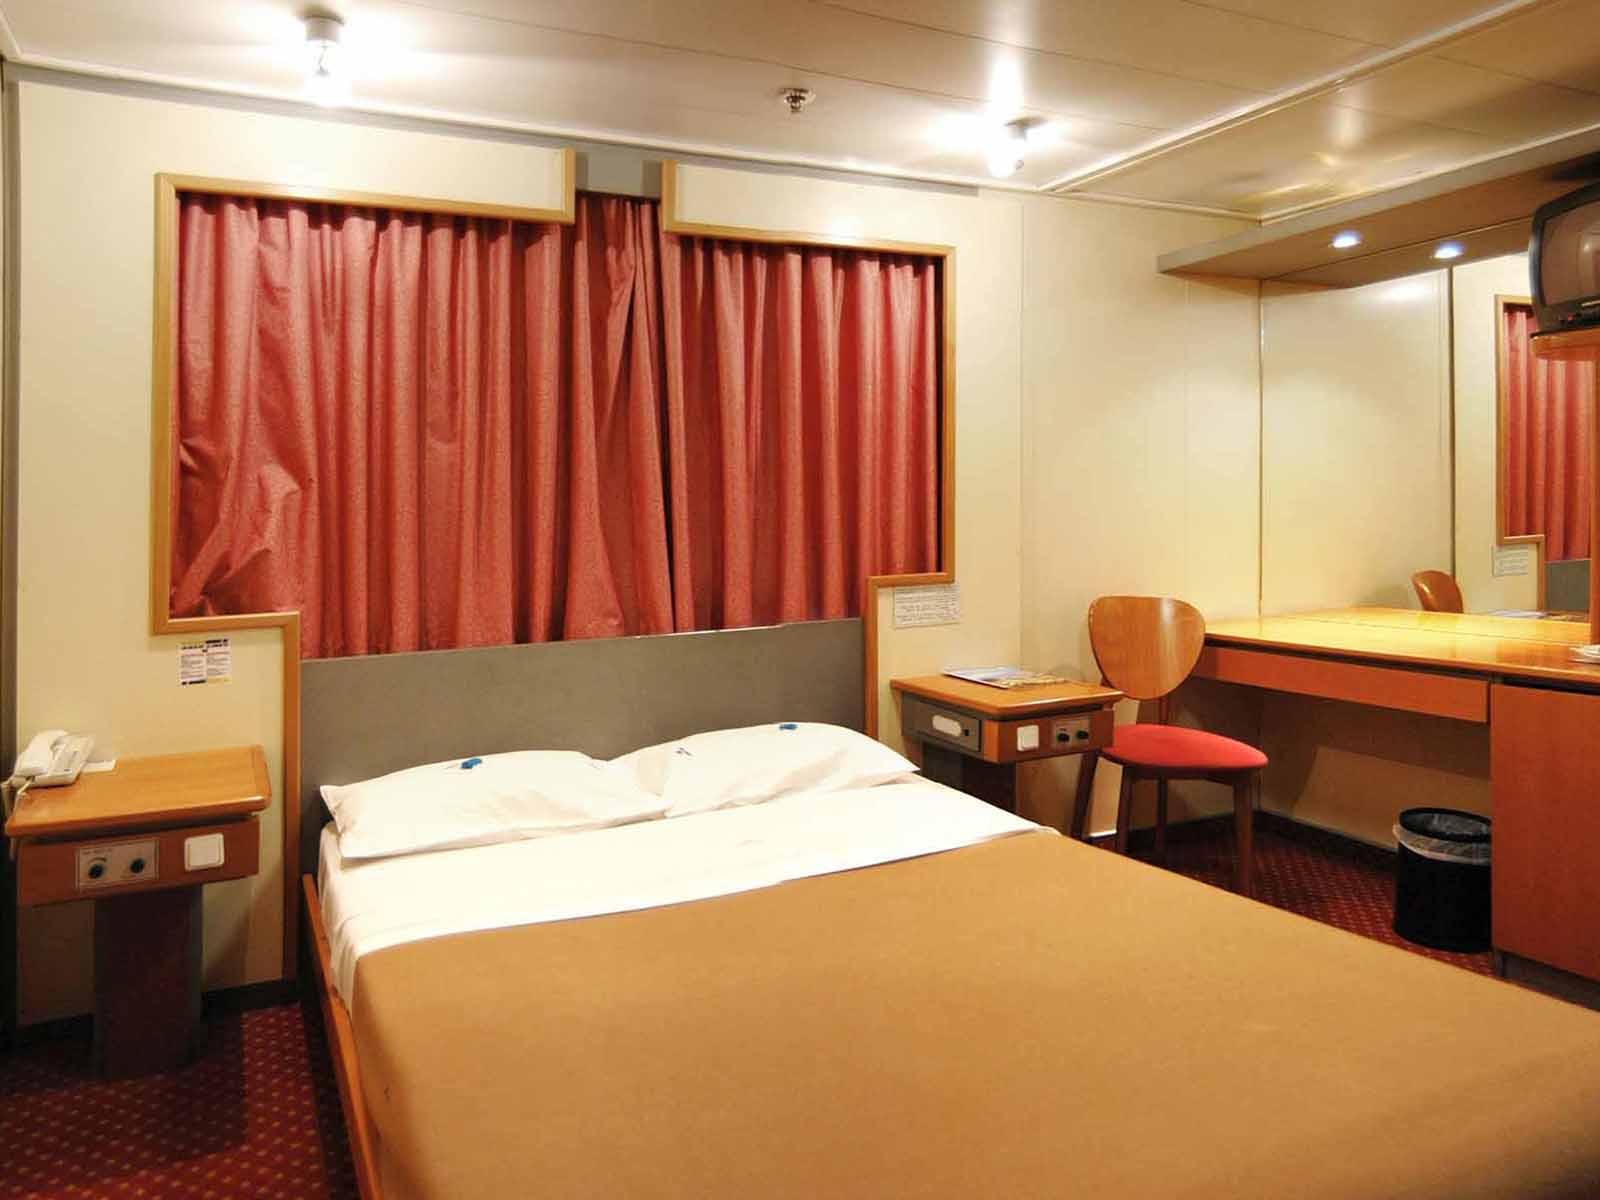 F/B Kriti I Lux cabin